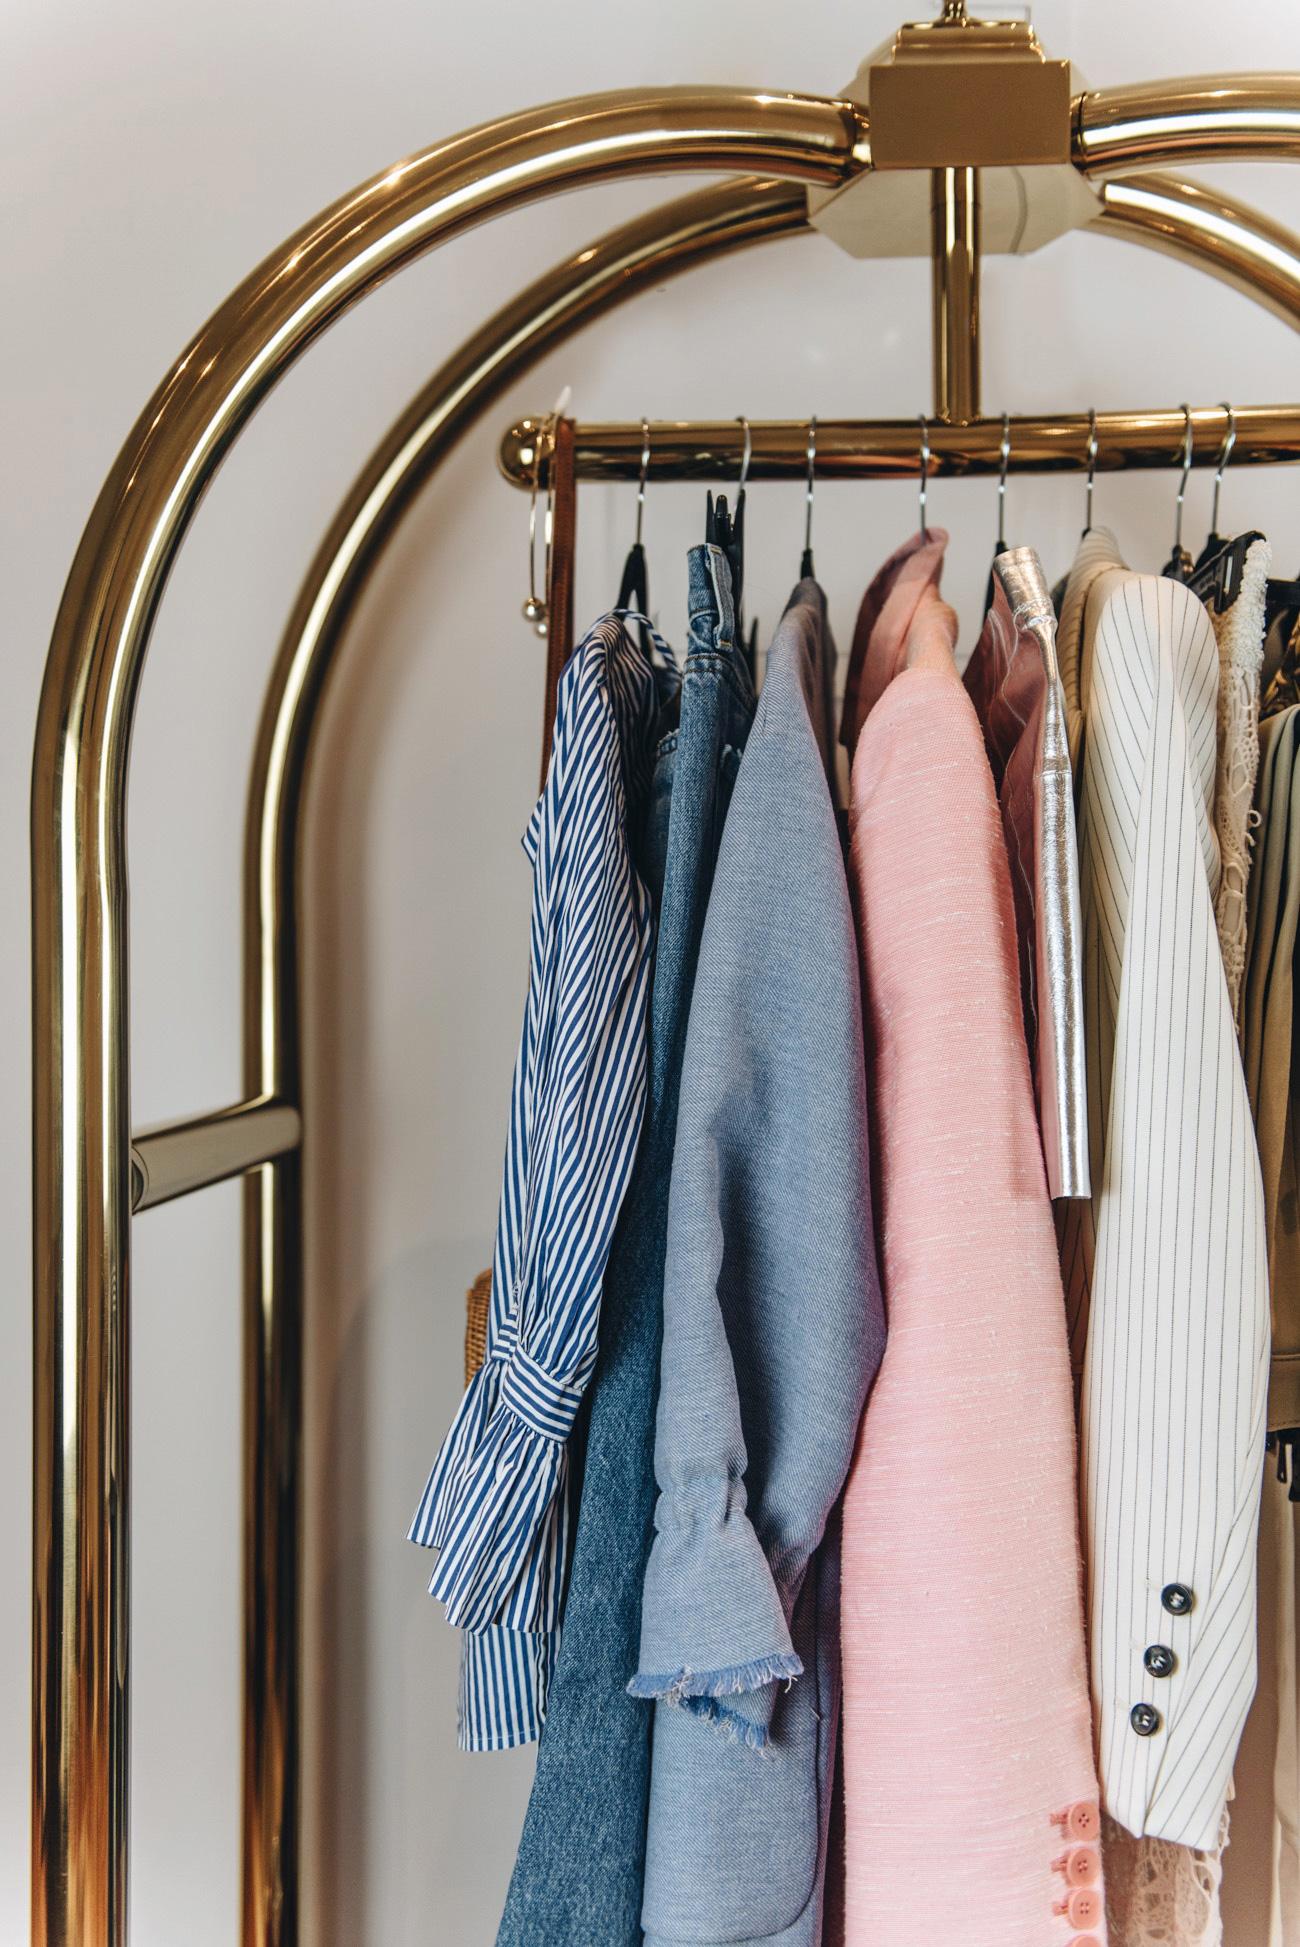 Hotel-Gepäckwagen-als-kleiderständer-garderobe-einrichtungs-ideen-fashiioncarpet